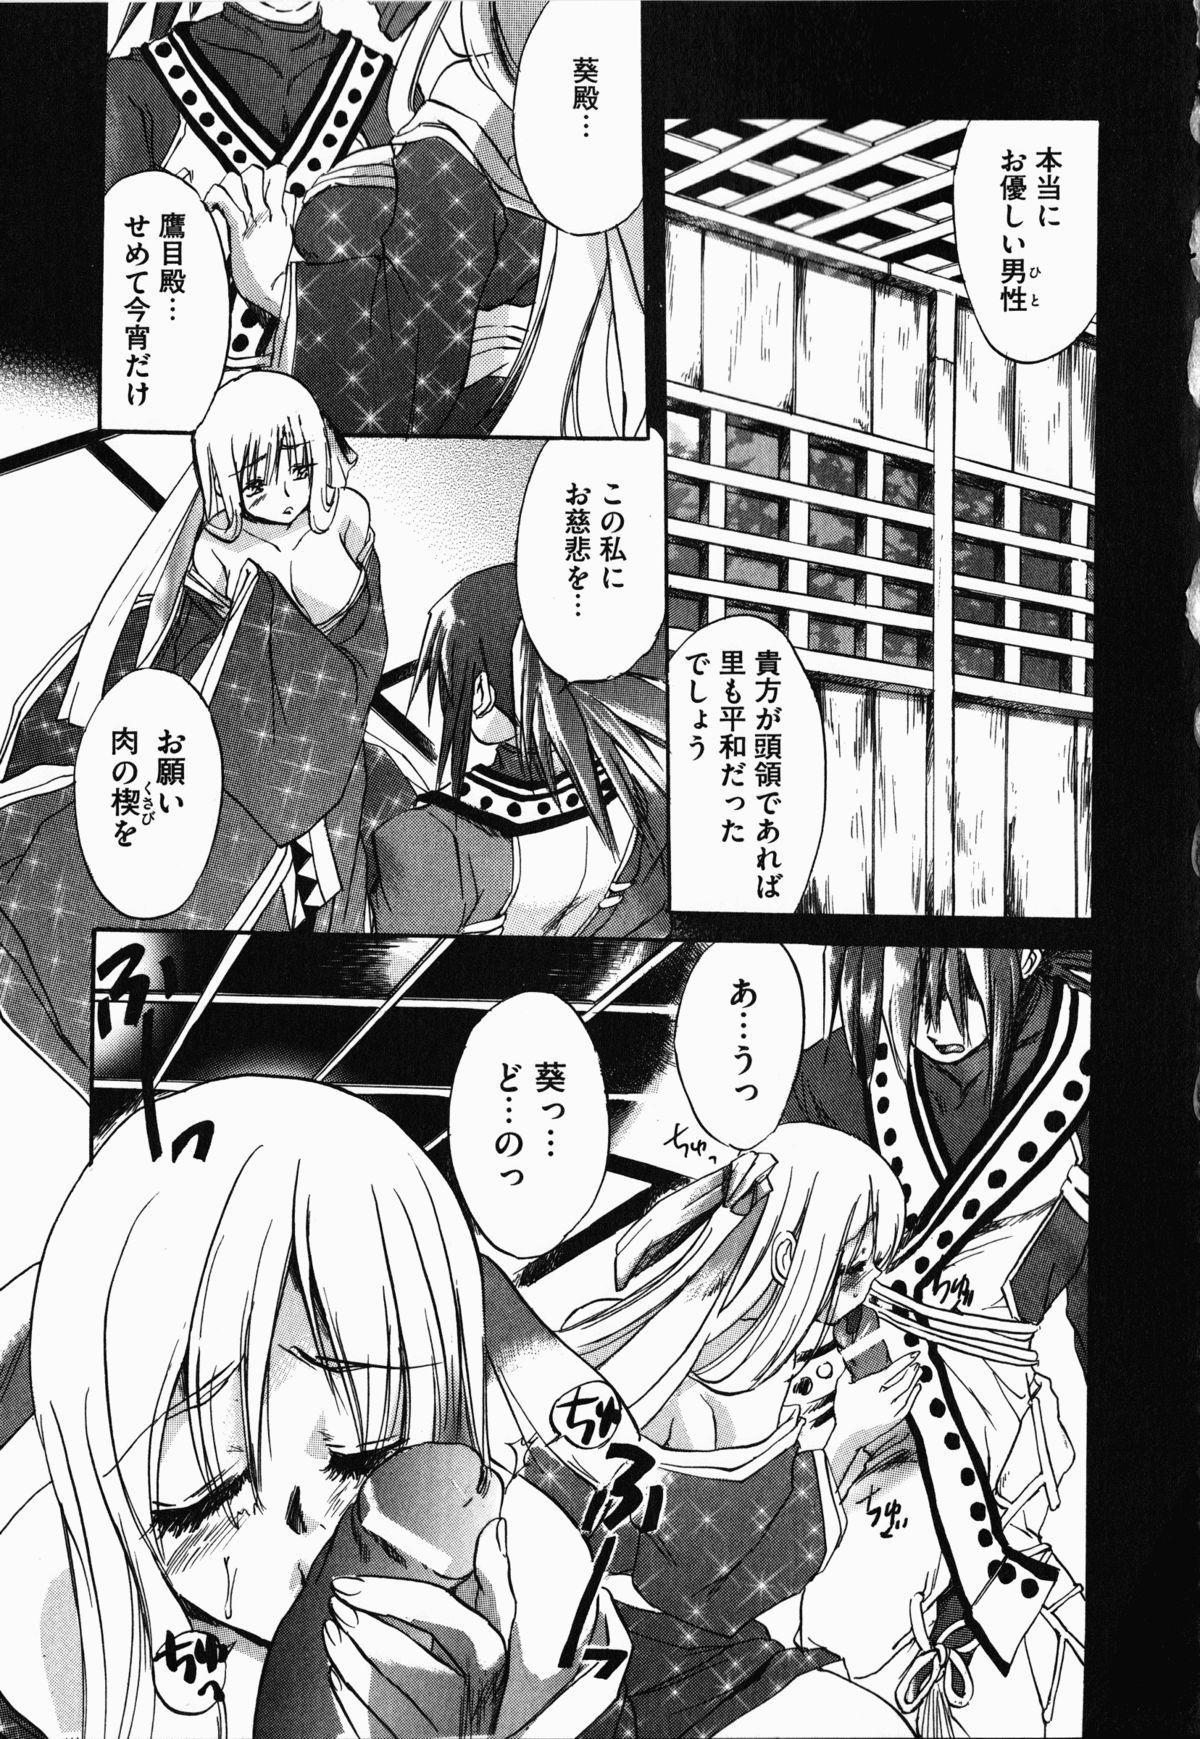 Nukenin - Hokaku, Soshite Choukyou e... 127